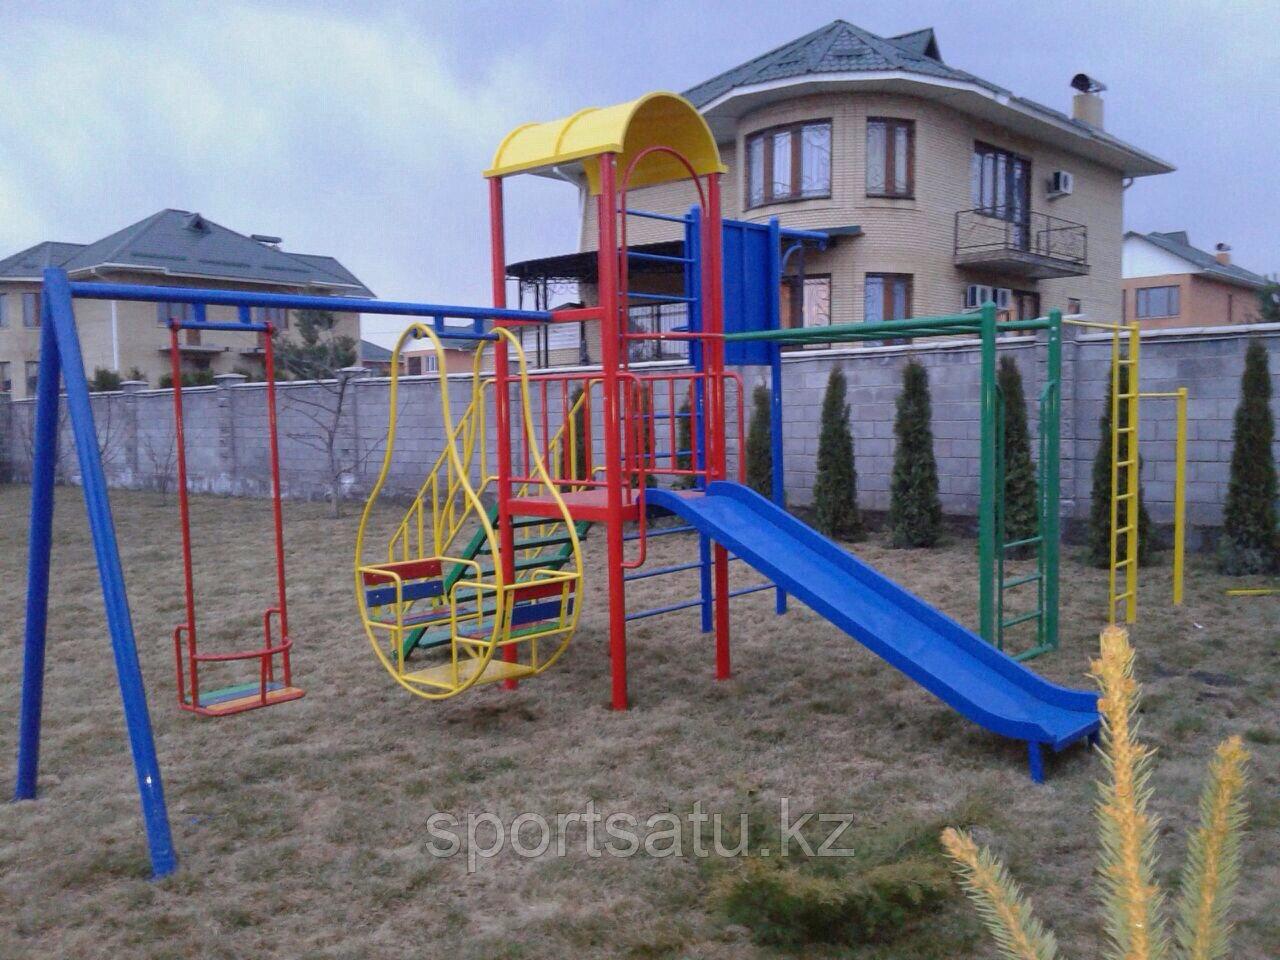 Спортивная игровая площадка для детей (горка, турник, баскетбольный щит с кольцом, качели)